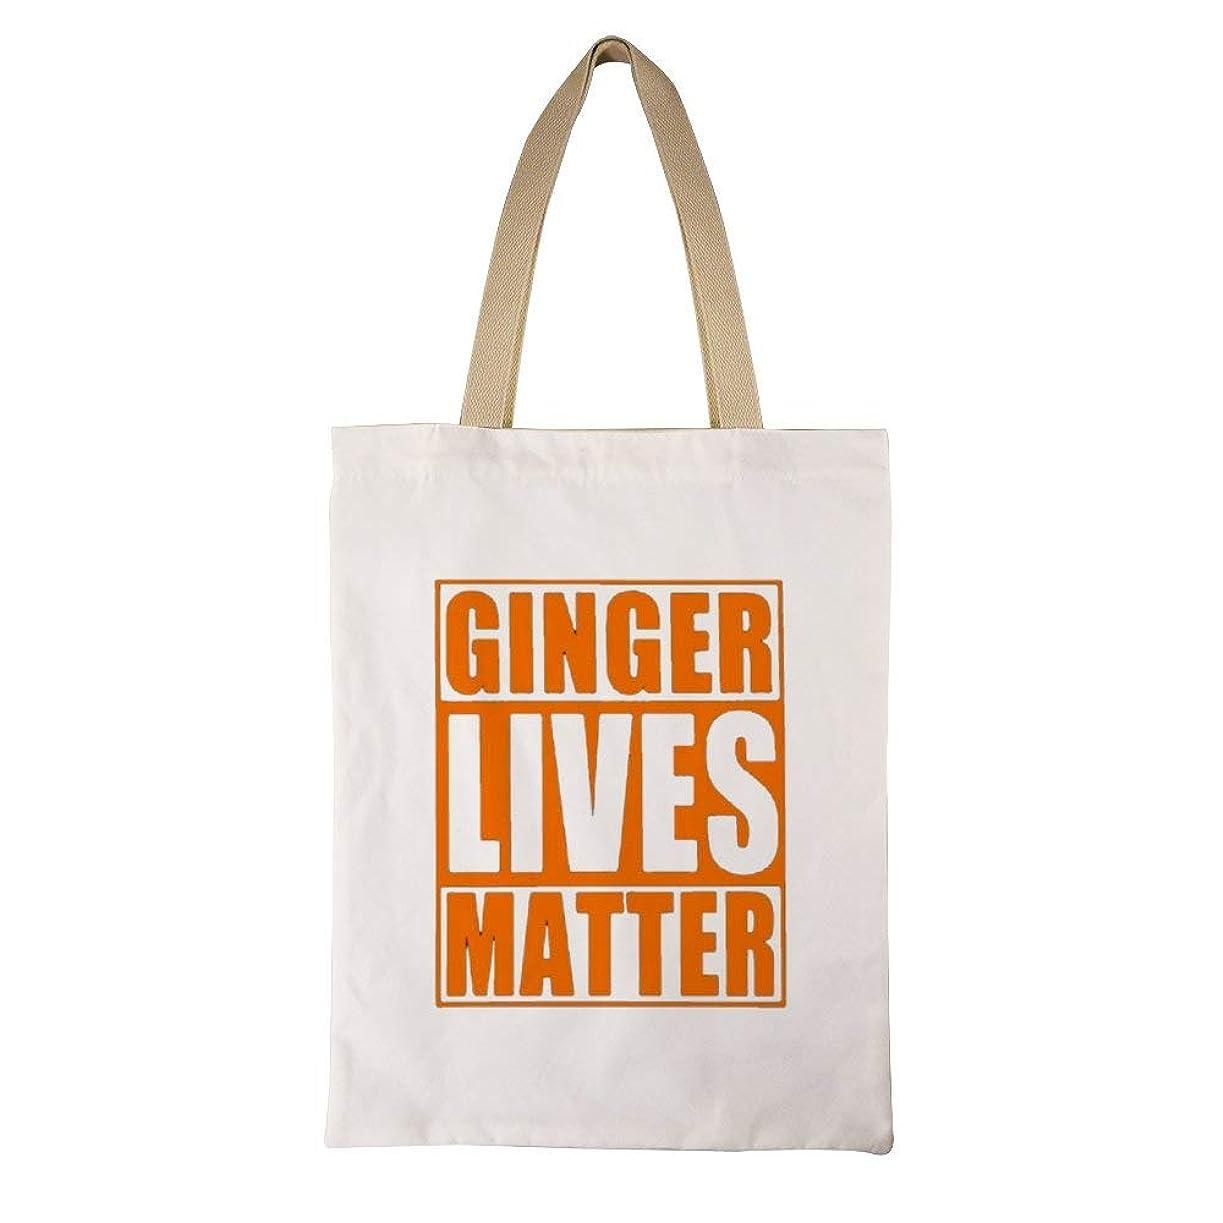 ニュースピクニックをする脈拍Irish Ginger Lives Matter Printed レディース キャンバストートバッグ ハンドバッグキャンバスショルダーバッグ通勤通学 大容量 軽量